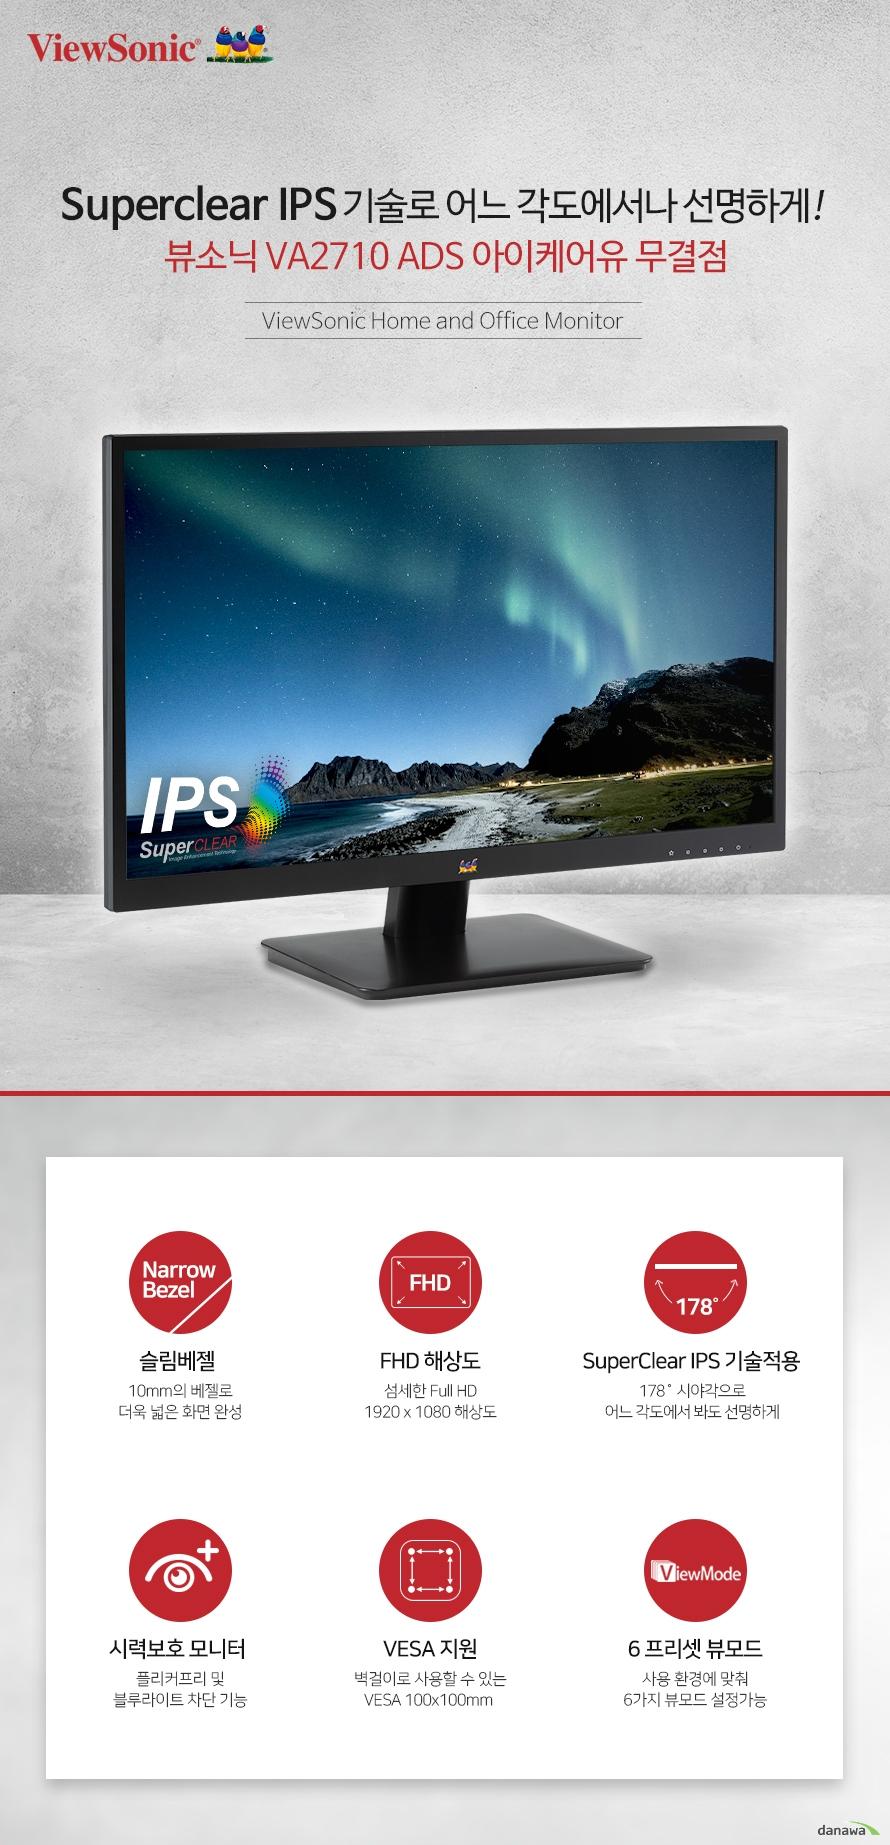 Superclear IPS 기술로 어느 각도에서나 선명하게! 뷰소닉 VA2710 ADS 아이케어유 무결점  ViewSonic Home and Office Monitor   슬림 베젤 채택 일반 모니터 보다 슬림한 베젤 채택으로 넓은 화면을 완성하였습니다. 여러개의 창을 띄어야 하는 오피스 작업자 또는 영상을 보는 모든 사용자에게 더욱 뛰어난 몰입감과 편안한 시야를 제공합니다.   FHD 고해상도 모니터 넓은 화면에 섬세하게 표현하는 1920 x 1080 FHD 고해상도를 지원하여 일반 HD 해상도 보다 선명하고 섬세한 표현의 화면을 경험 할 수 있습니다.   SuperClear IPS 기술적용 풍부하고 생생한 컬러를 일관된 밝기로 즐길 수 있습니다.  SuperClear IPS 형 패널 기술을 통해 VA2710 모니터는  화면을 위, 아래, 정면 또는  측면에서 볼 때  또렷하고 일관된 이미지 그대로 감상 할 수 있습니다.   시선을 사로잡는 생생하고선명한 화질 SuperClear IPS  기술적용 뷰소닉의 SuperClear기술은 여러분이 어떤방향에서 어떤 자세로 화면을 보든 언제나 동일한 이미지를 보여드립니다. 같은 이미지, 같은 영상도 더 선명하게 감상하세요! 상하좌우 178도의 광시야각 패널이 일반 모니터와는 달리 색상 왜곡 현상없이 완벽한 색상을 유  지합니다.    장시간 사용에도 편안하게! FlickerFree 모니터는 백라이트의 주사율을 통해 화면의 밝기를 조절하기 때문에 1초에 수백번 깜빡입니다. 이 깜빡임 현상을 제거하여 화면을 오래 보고있어도 눈의 피로, 안구의 통증, 두통, 눈 시림 등의  증상을 없애 오랜시간 편안하게 사용할 수 있는 기술입니다.     Blue Light Filter 모니터에서 나오는 파란색 계열의 파장인 블루라이트에 오래 노출되면 눈의 피로는 물론 안구건조 증세가 나타나 망막의 손상을 일으키기도 합니다. 이렇게 눈에 해로운 블루라이트를 제거하여 눈의 건강을 지키는데 도움을 드립니다.    사용 환경에 맞추는 최적의 화면 프리셋 VIEW MODE ViewSonic의 독점적인 ViewMode는 게임, 영화, 문서, 웹, 모노, Mac 모드를 포함한 다양한 사용환경에 맞는 사전 설정을 제공해드립니다.    모니터의 수명을 늘려주는 낮은 전력 소모 저전력 에너지 절약 기술인 ECO MODE가 지원됩니다. 활성화를 할 경우 모니터 최대 밝기의  약 50% 밝기로 설정이 됩니다. 화면을 보는데 큰 불편함 없이 전력 소모가  급격히 낮아지고 LED 백라이트의 수명이 더욱 늘어납니다.        벽걸이로 사용이 가능한 VESA홀 지원 100 x 100 mm 의 VESA 홀 지원으로 벽걸이 형태로도 설치하여 사용 할 수 있습니다.   유연한 연결성 다양한 장치에 연결 HDMI 및 VGA 입력을 통해 모니터를 다양한 장치에 자유롭게 연결할 수 있습니다.